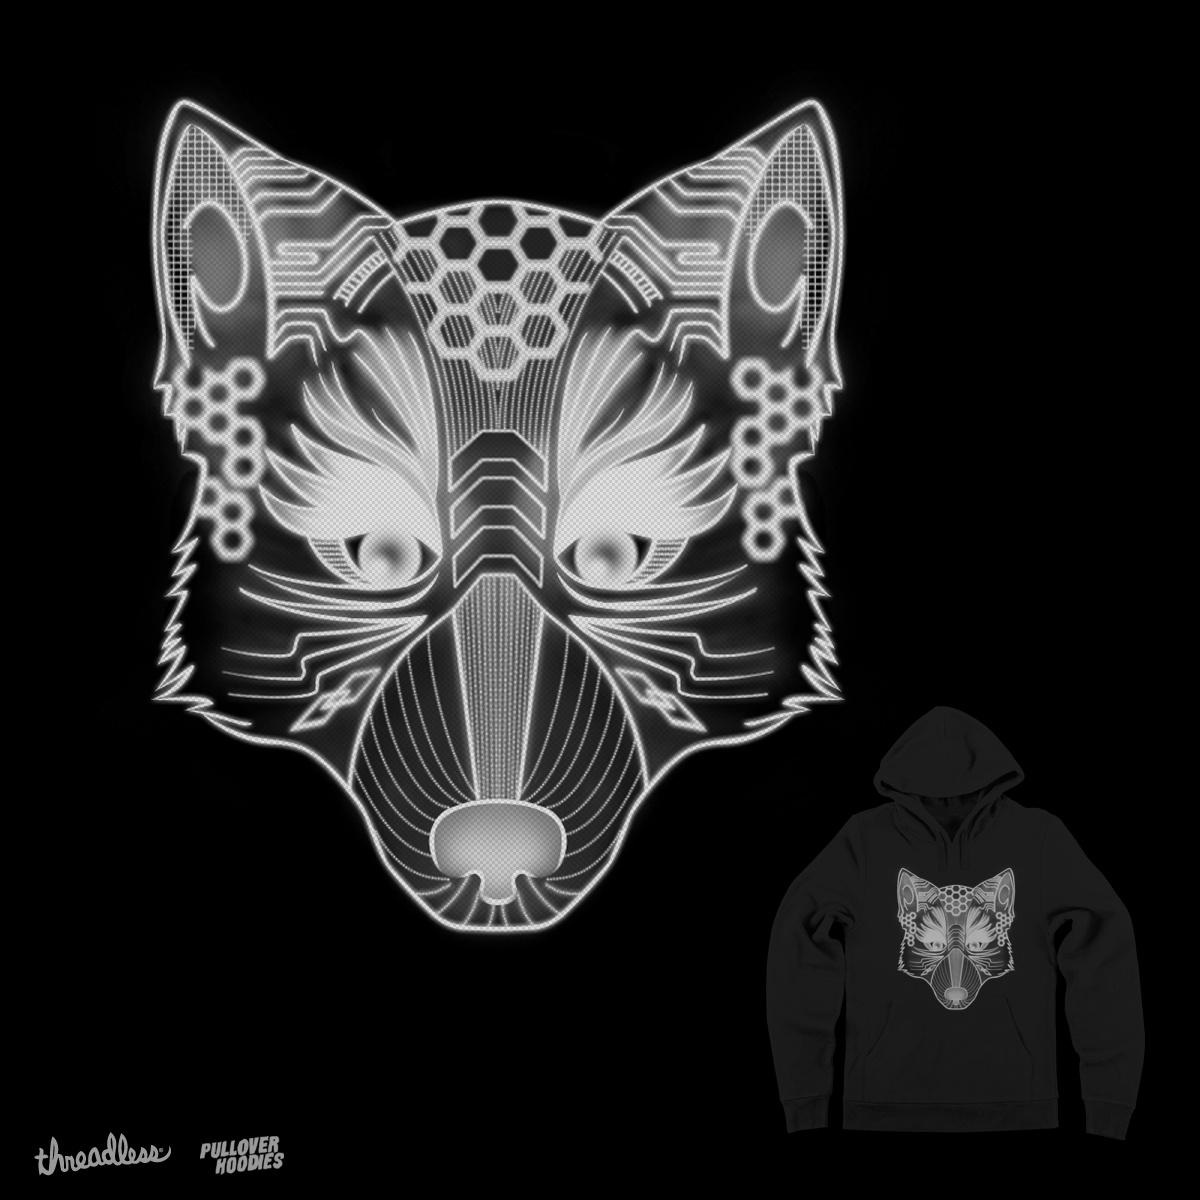 DIGITAL WOLF by farlyfs on Threadless